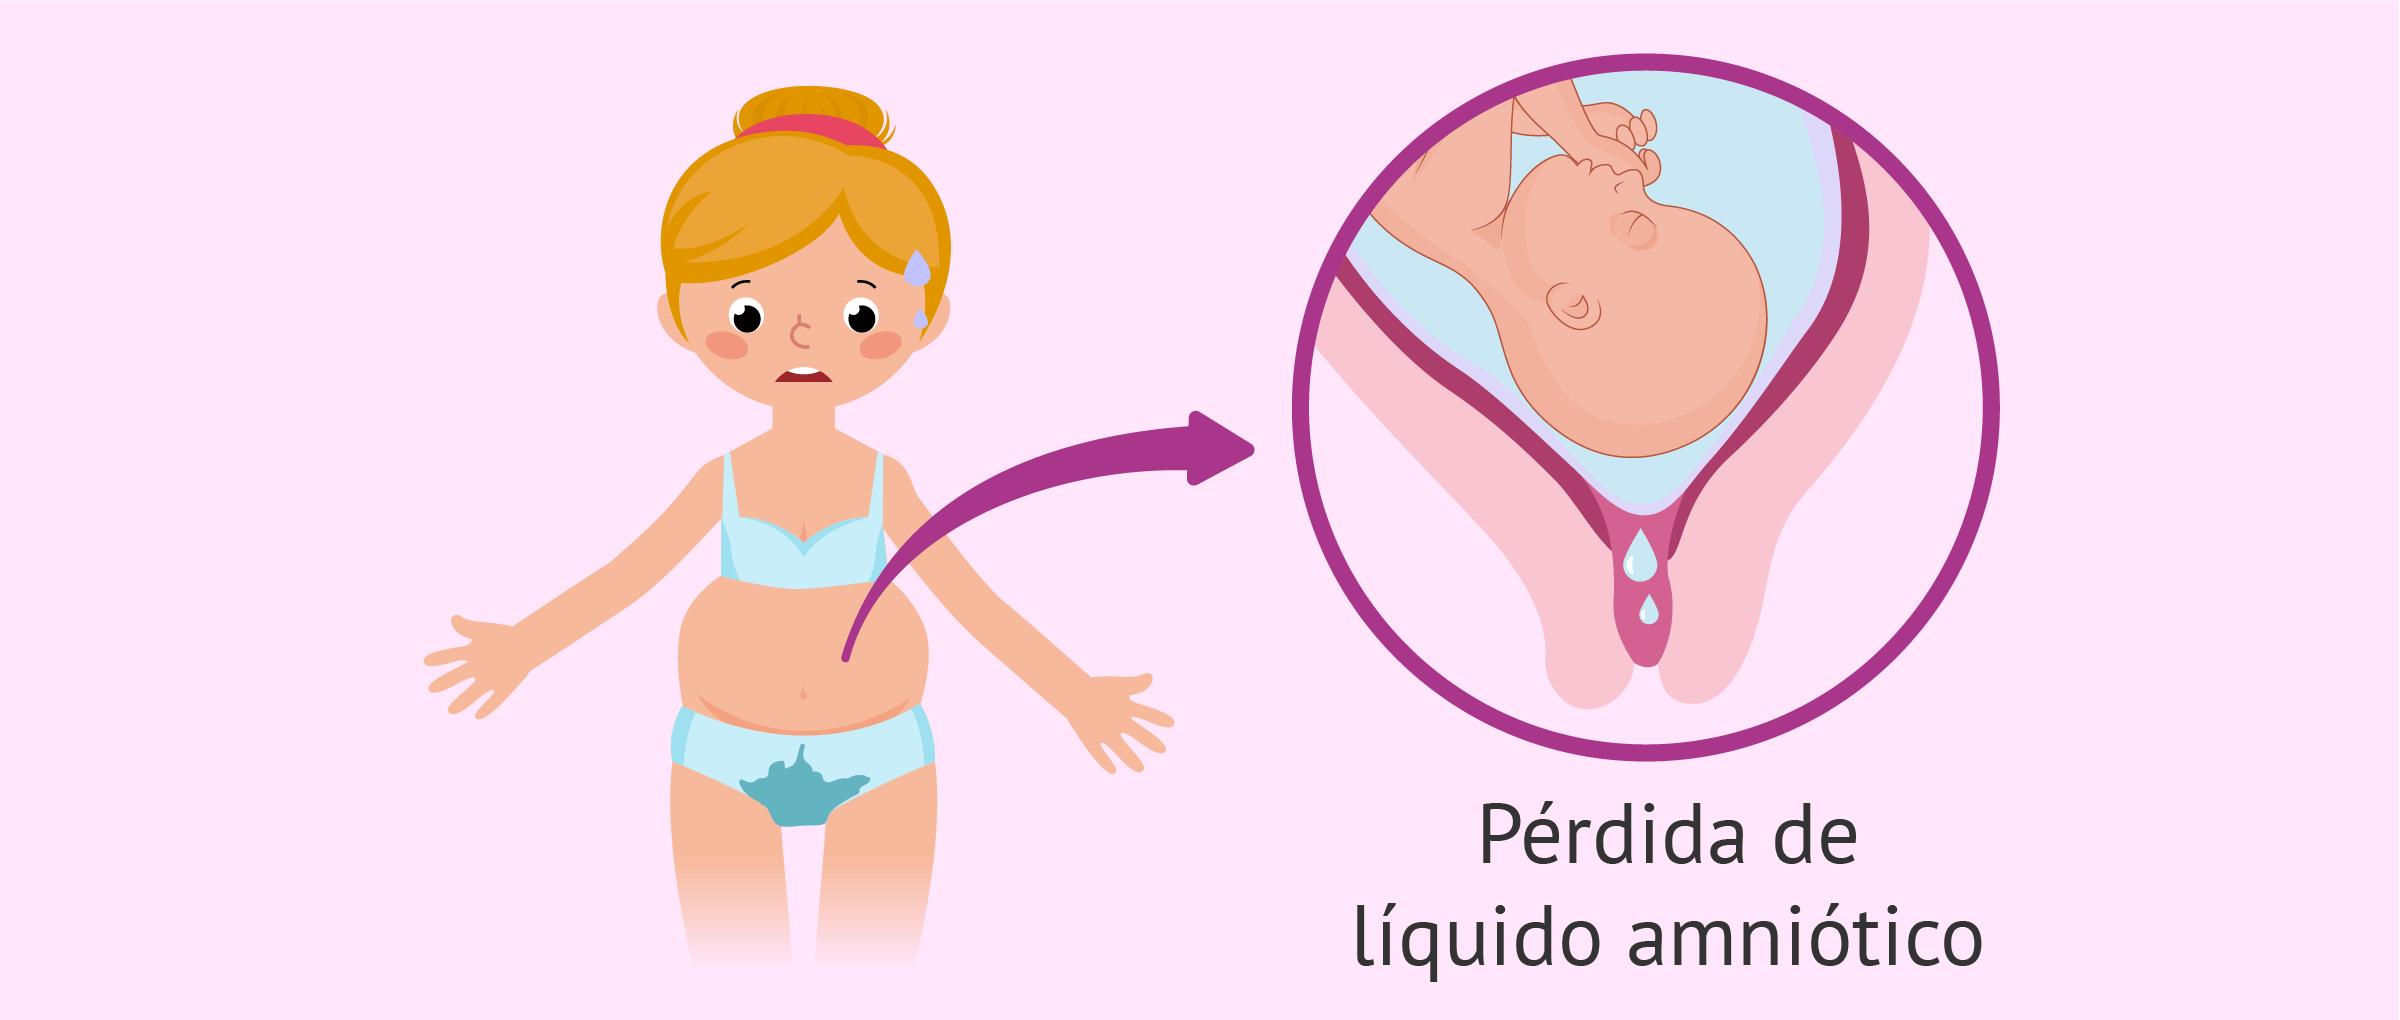 Pérdida de líquido amniótico durante el embarazo